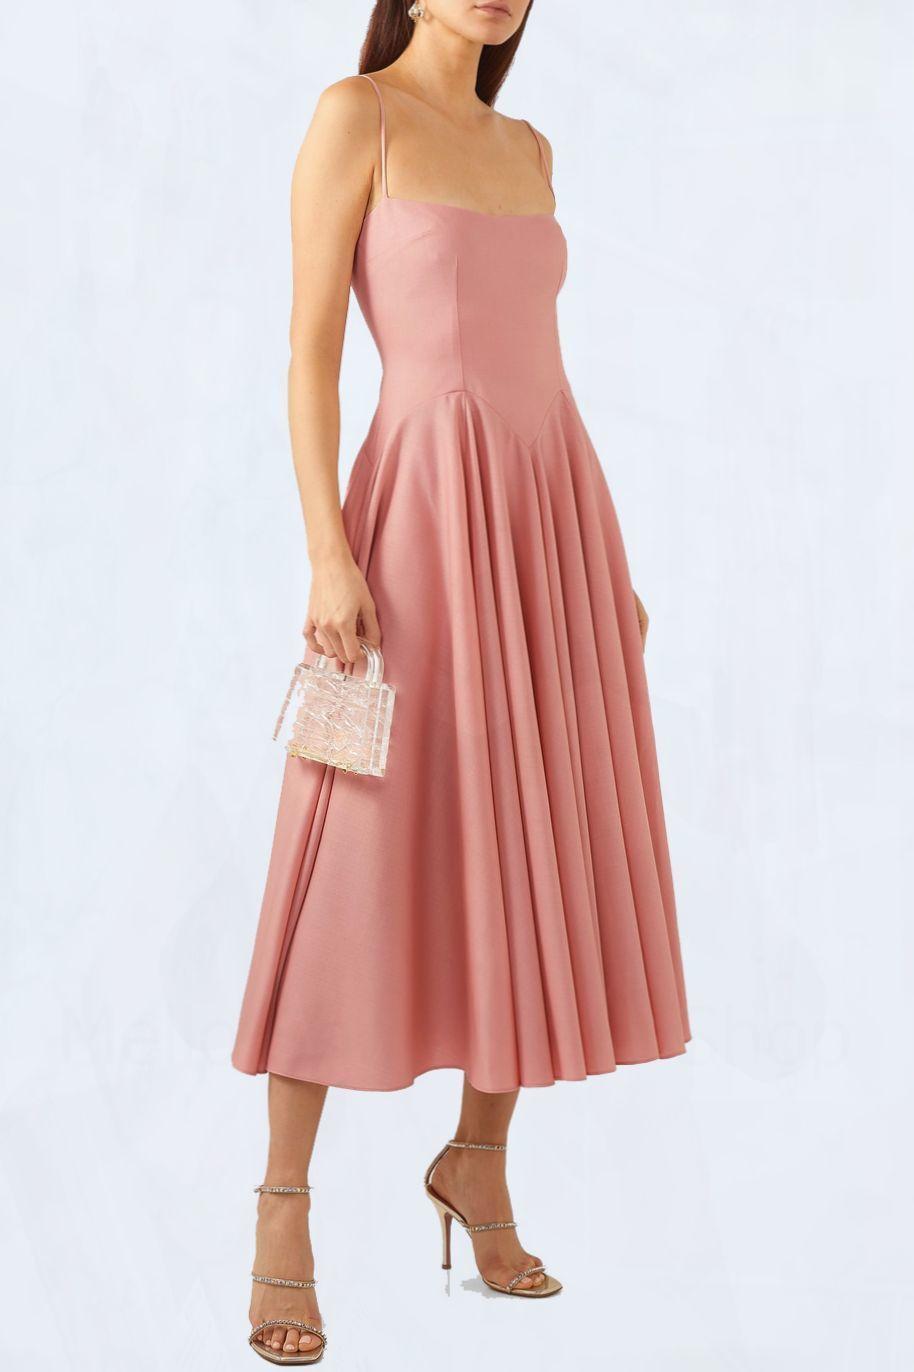 Платье-сарафан из хлопка, Платья, Оренбург, Фото №1